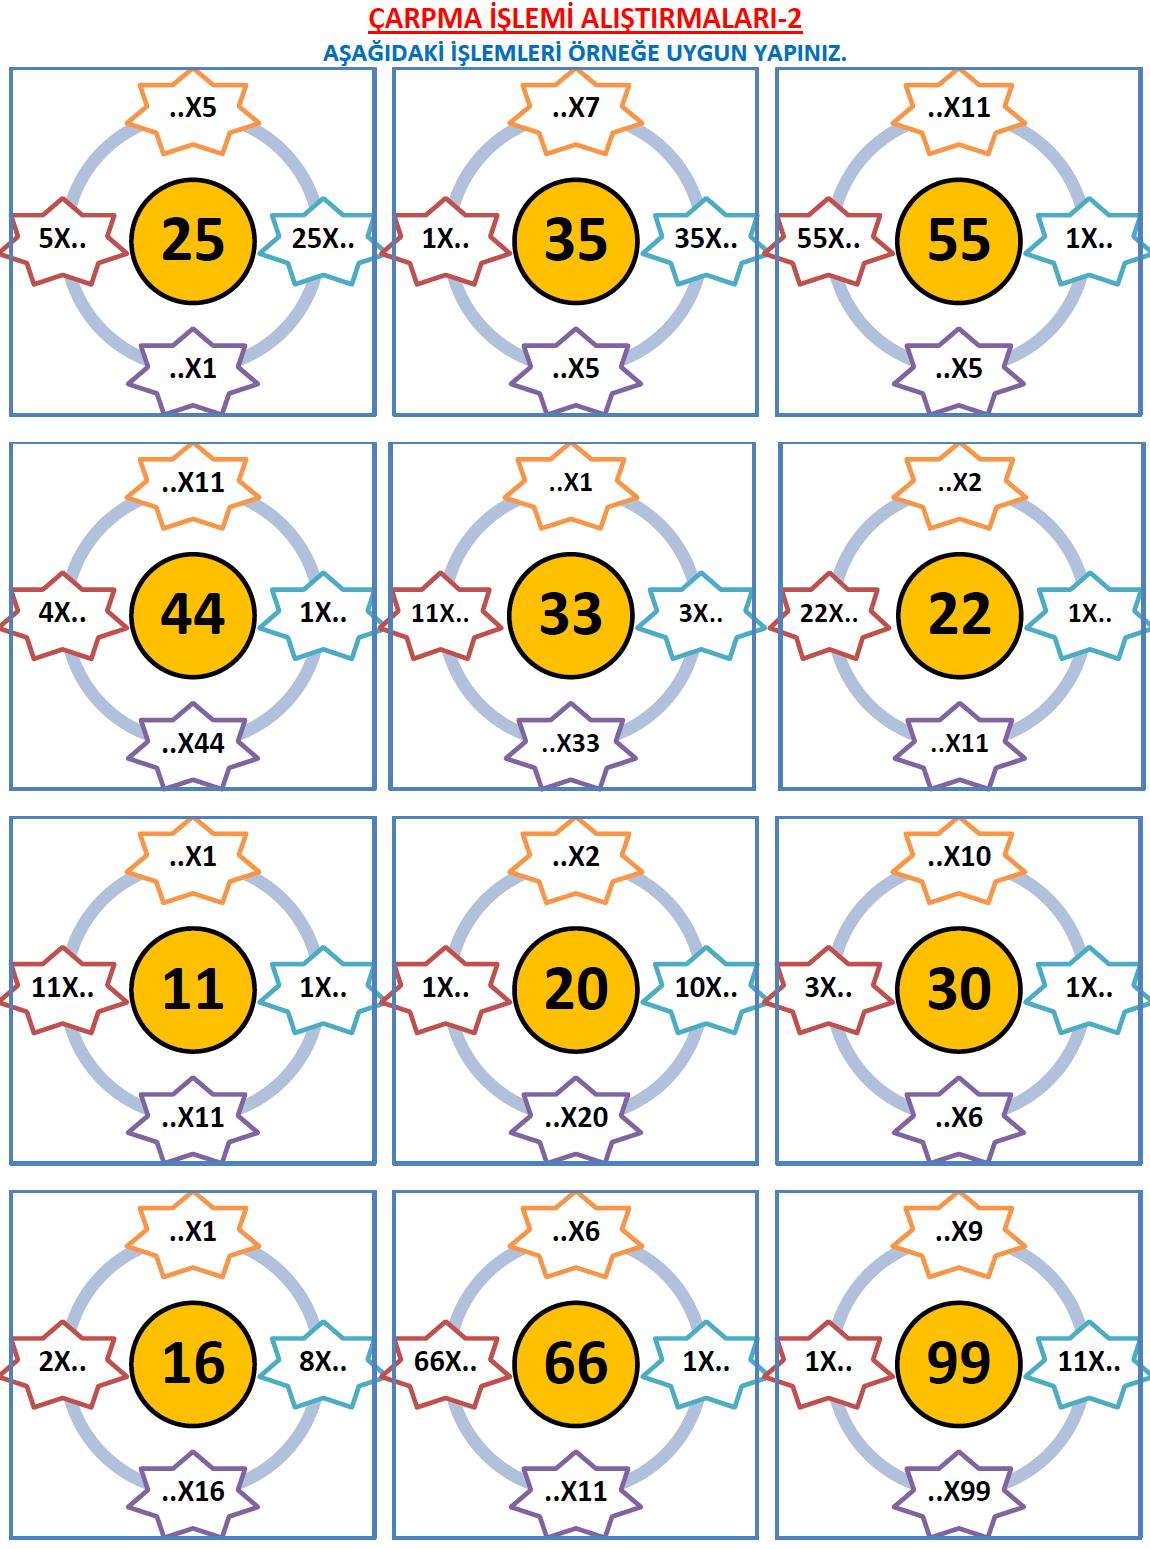 3 Sinif Matematik Carpma Islemi Etkinlik Sayfasi Carpma